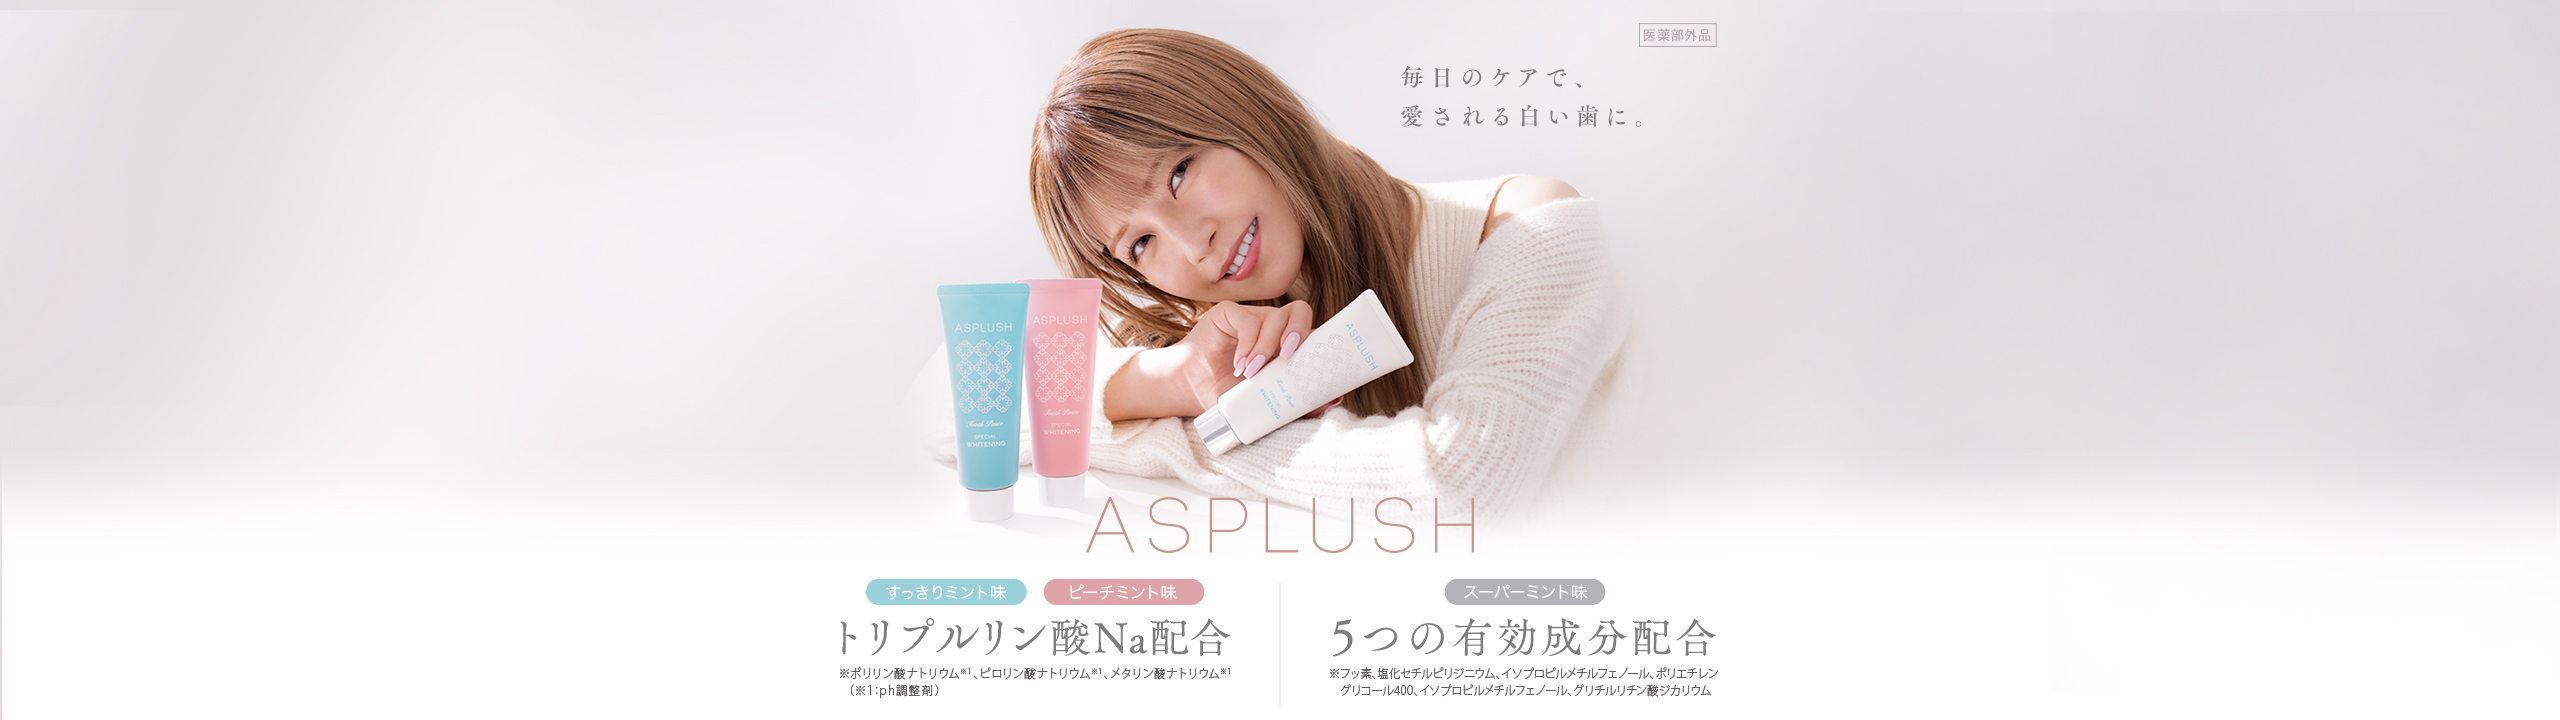 ASPLUSH